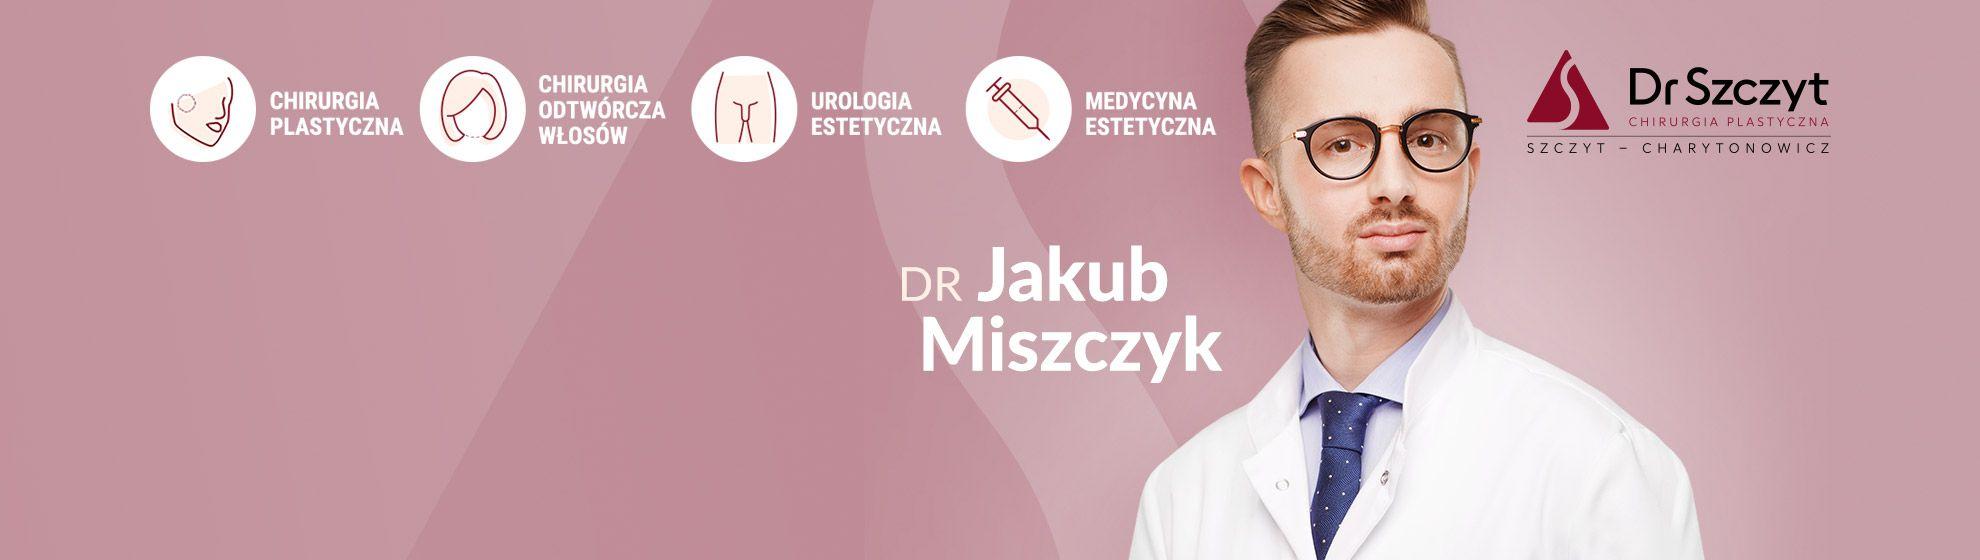 lek. med. Jakub Miszczyk - Klinika Dr Szczyt